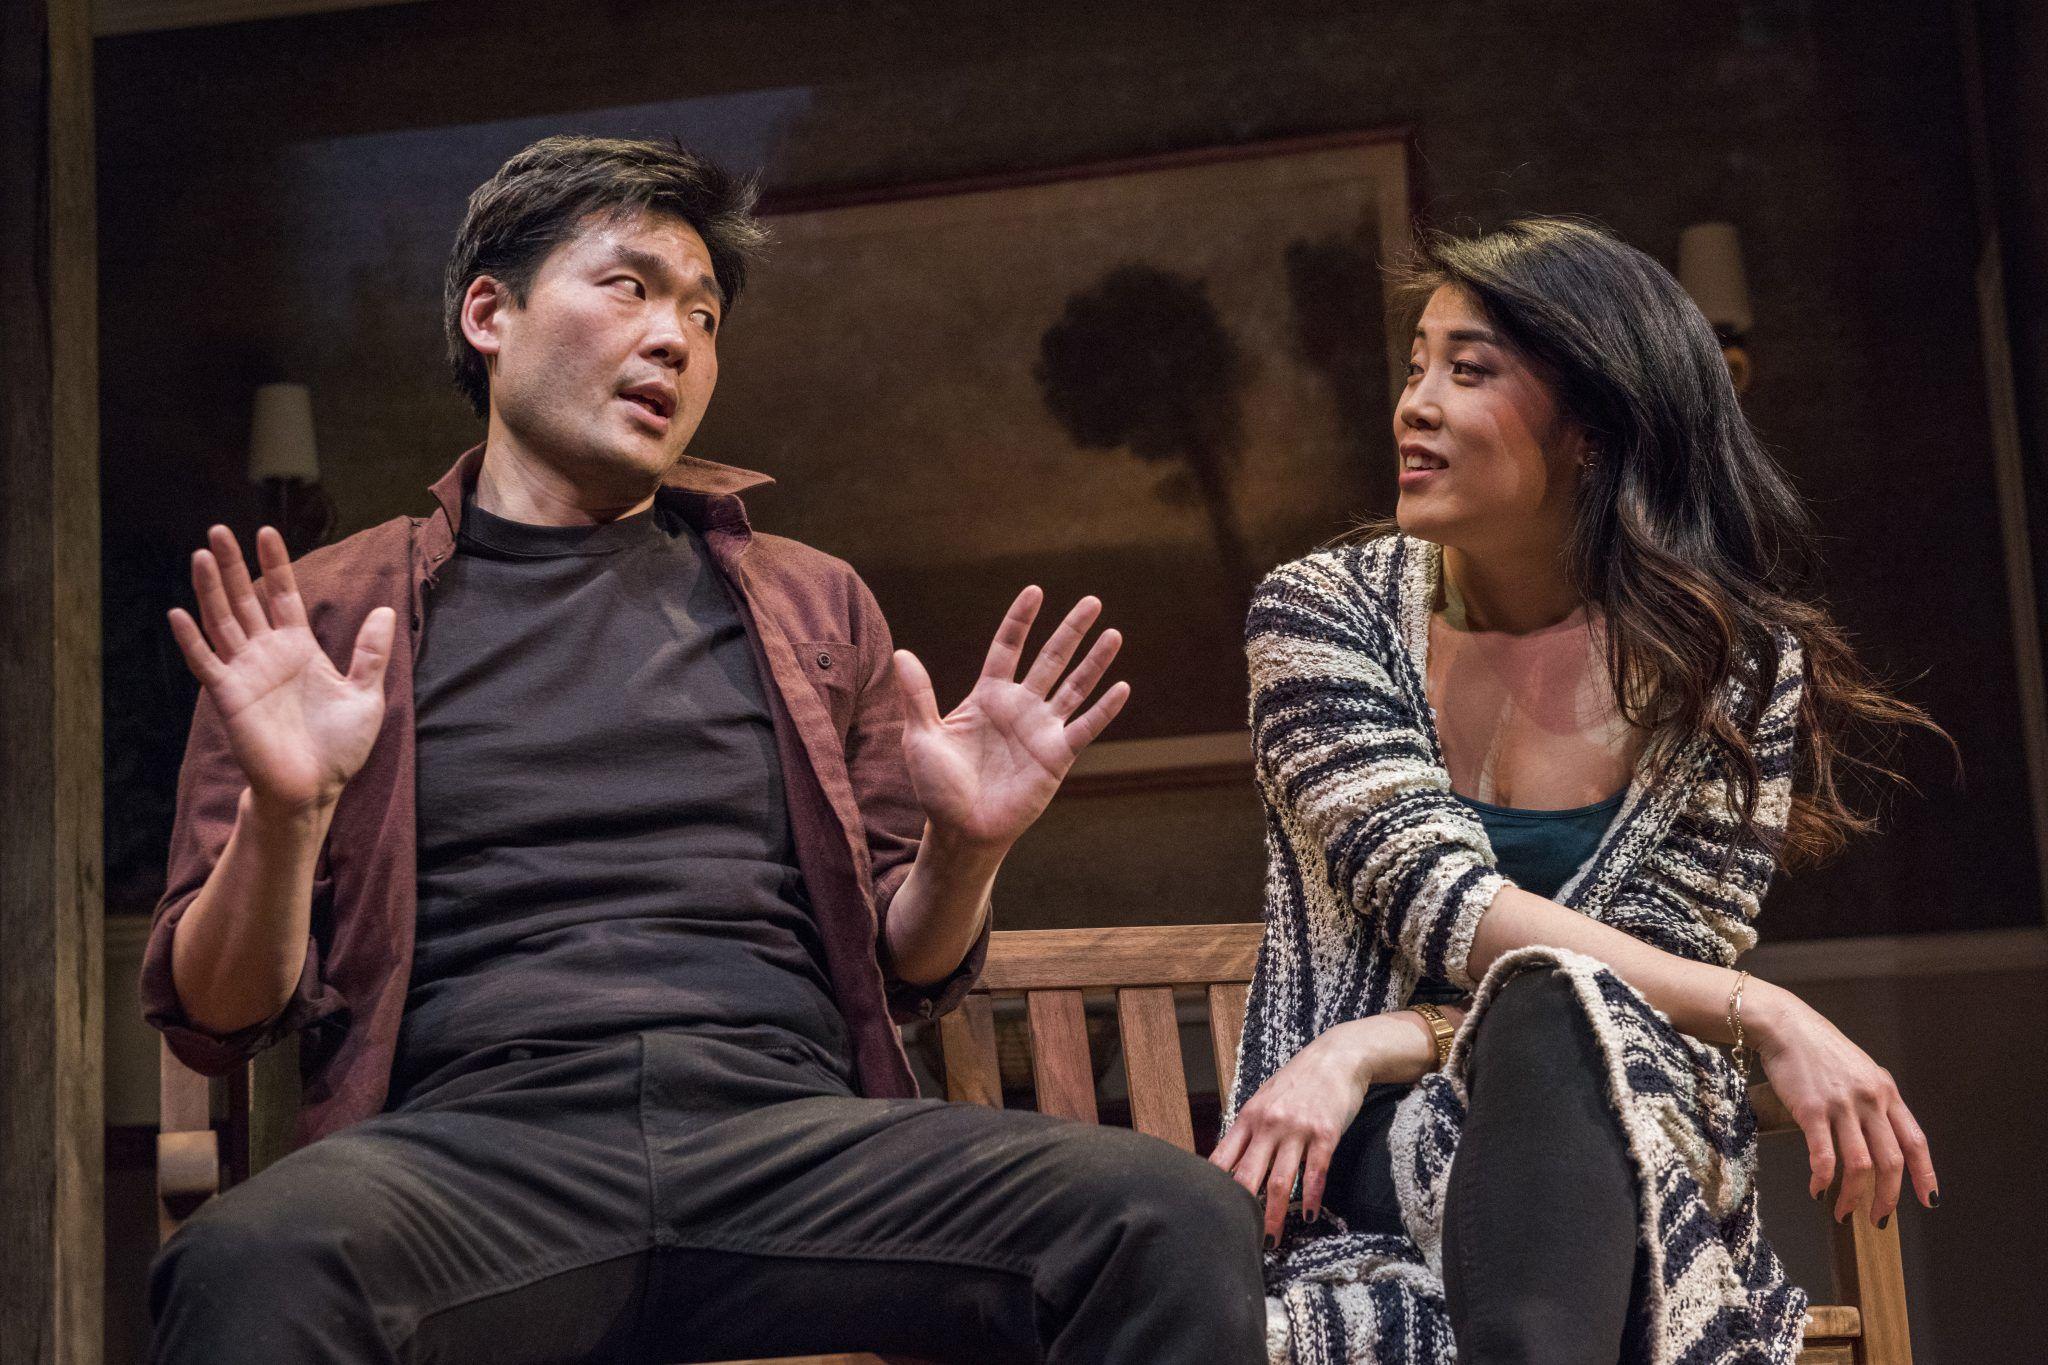 Tony Nam as Ray and Eunice Bae